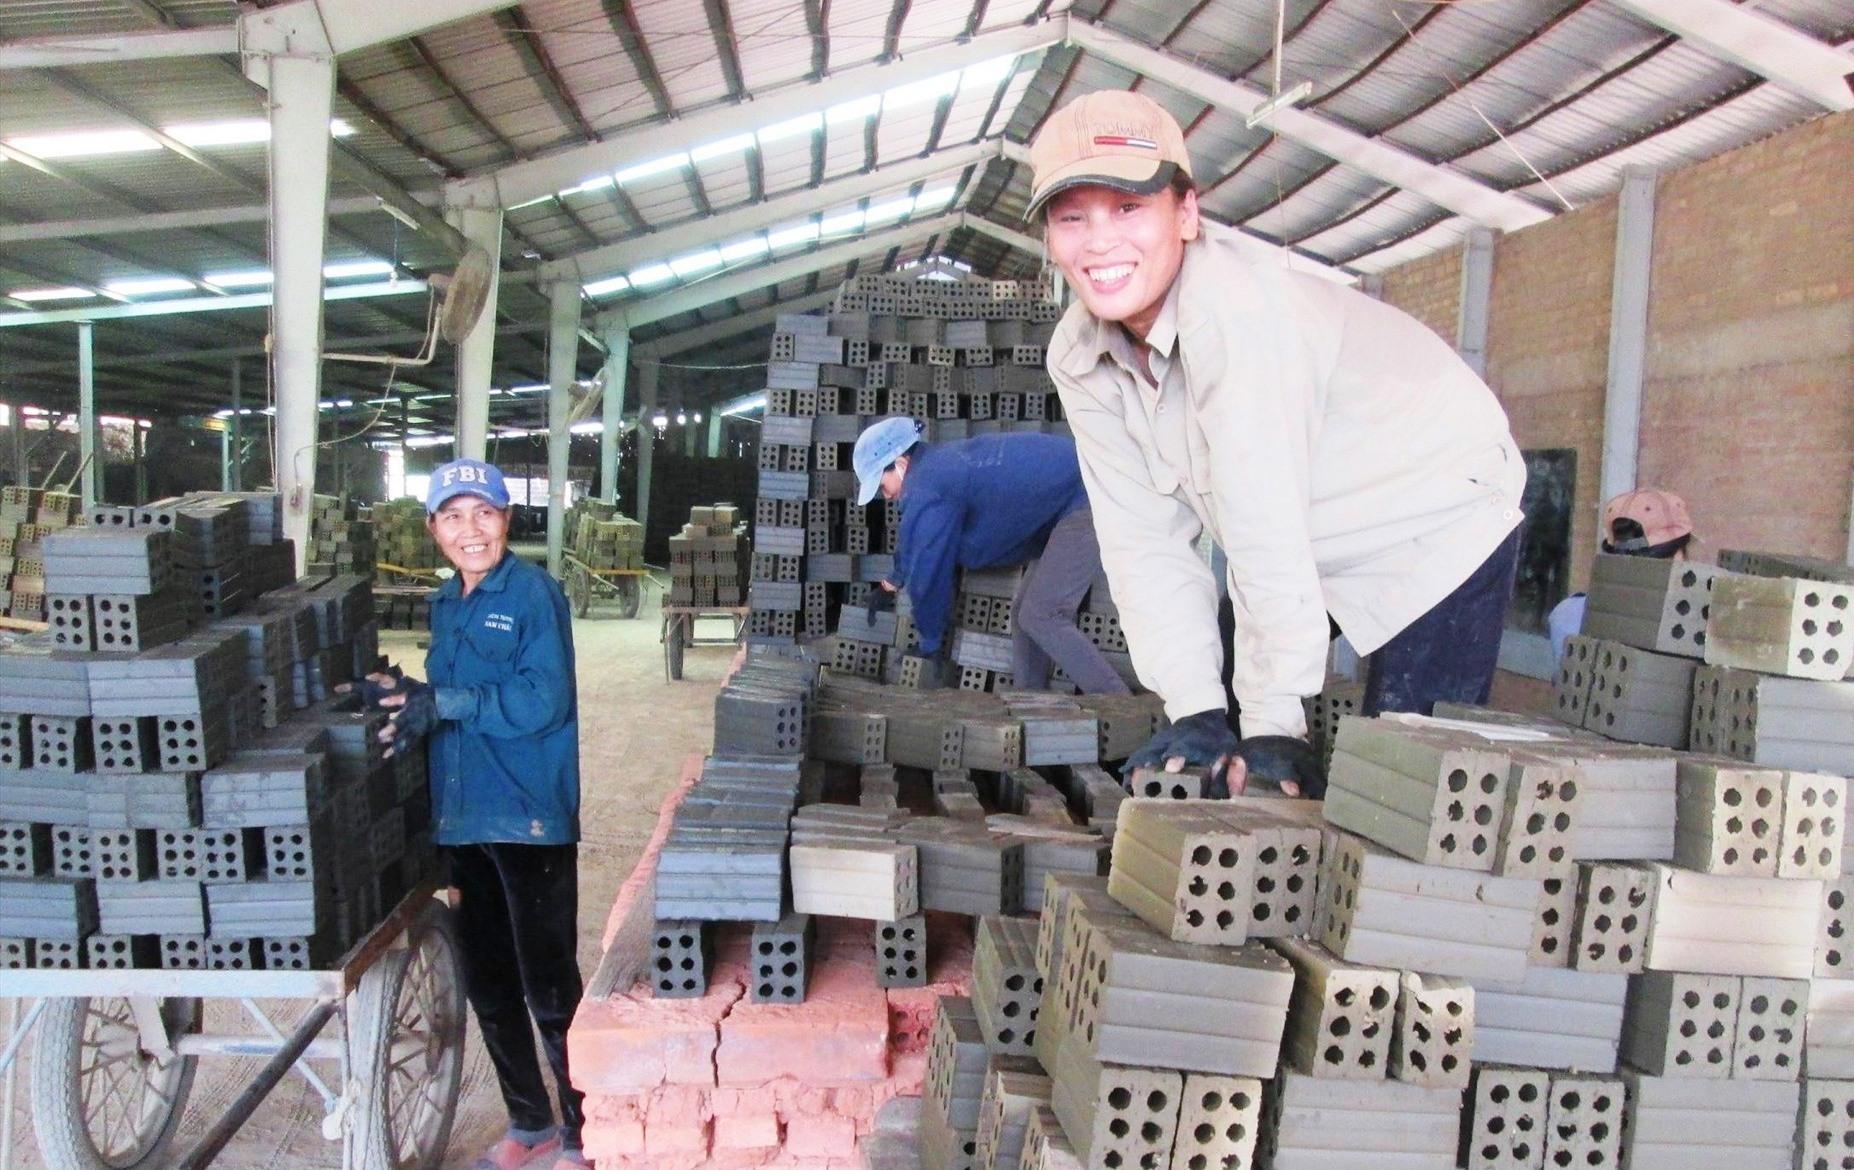 Nhờ nỗ lực thu hút doanh nghiệp vào đầu tư, thời gian qua nhiều lao động nông thôn của xã Quế Mỹ có việc làm ổn định. Ảnh: N.S